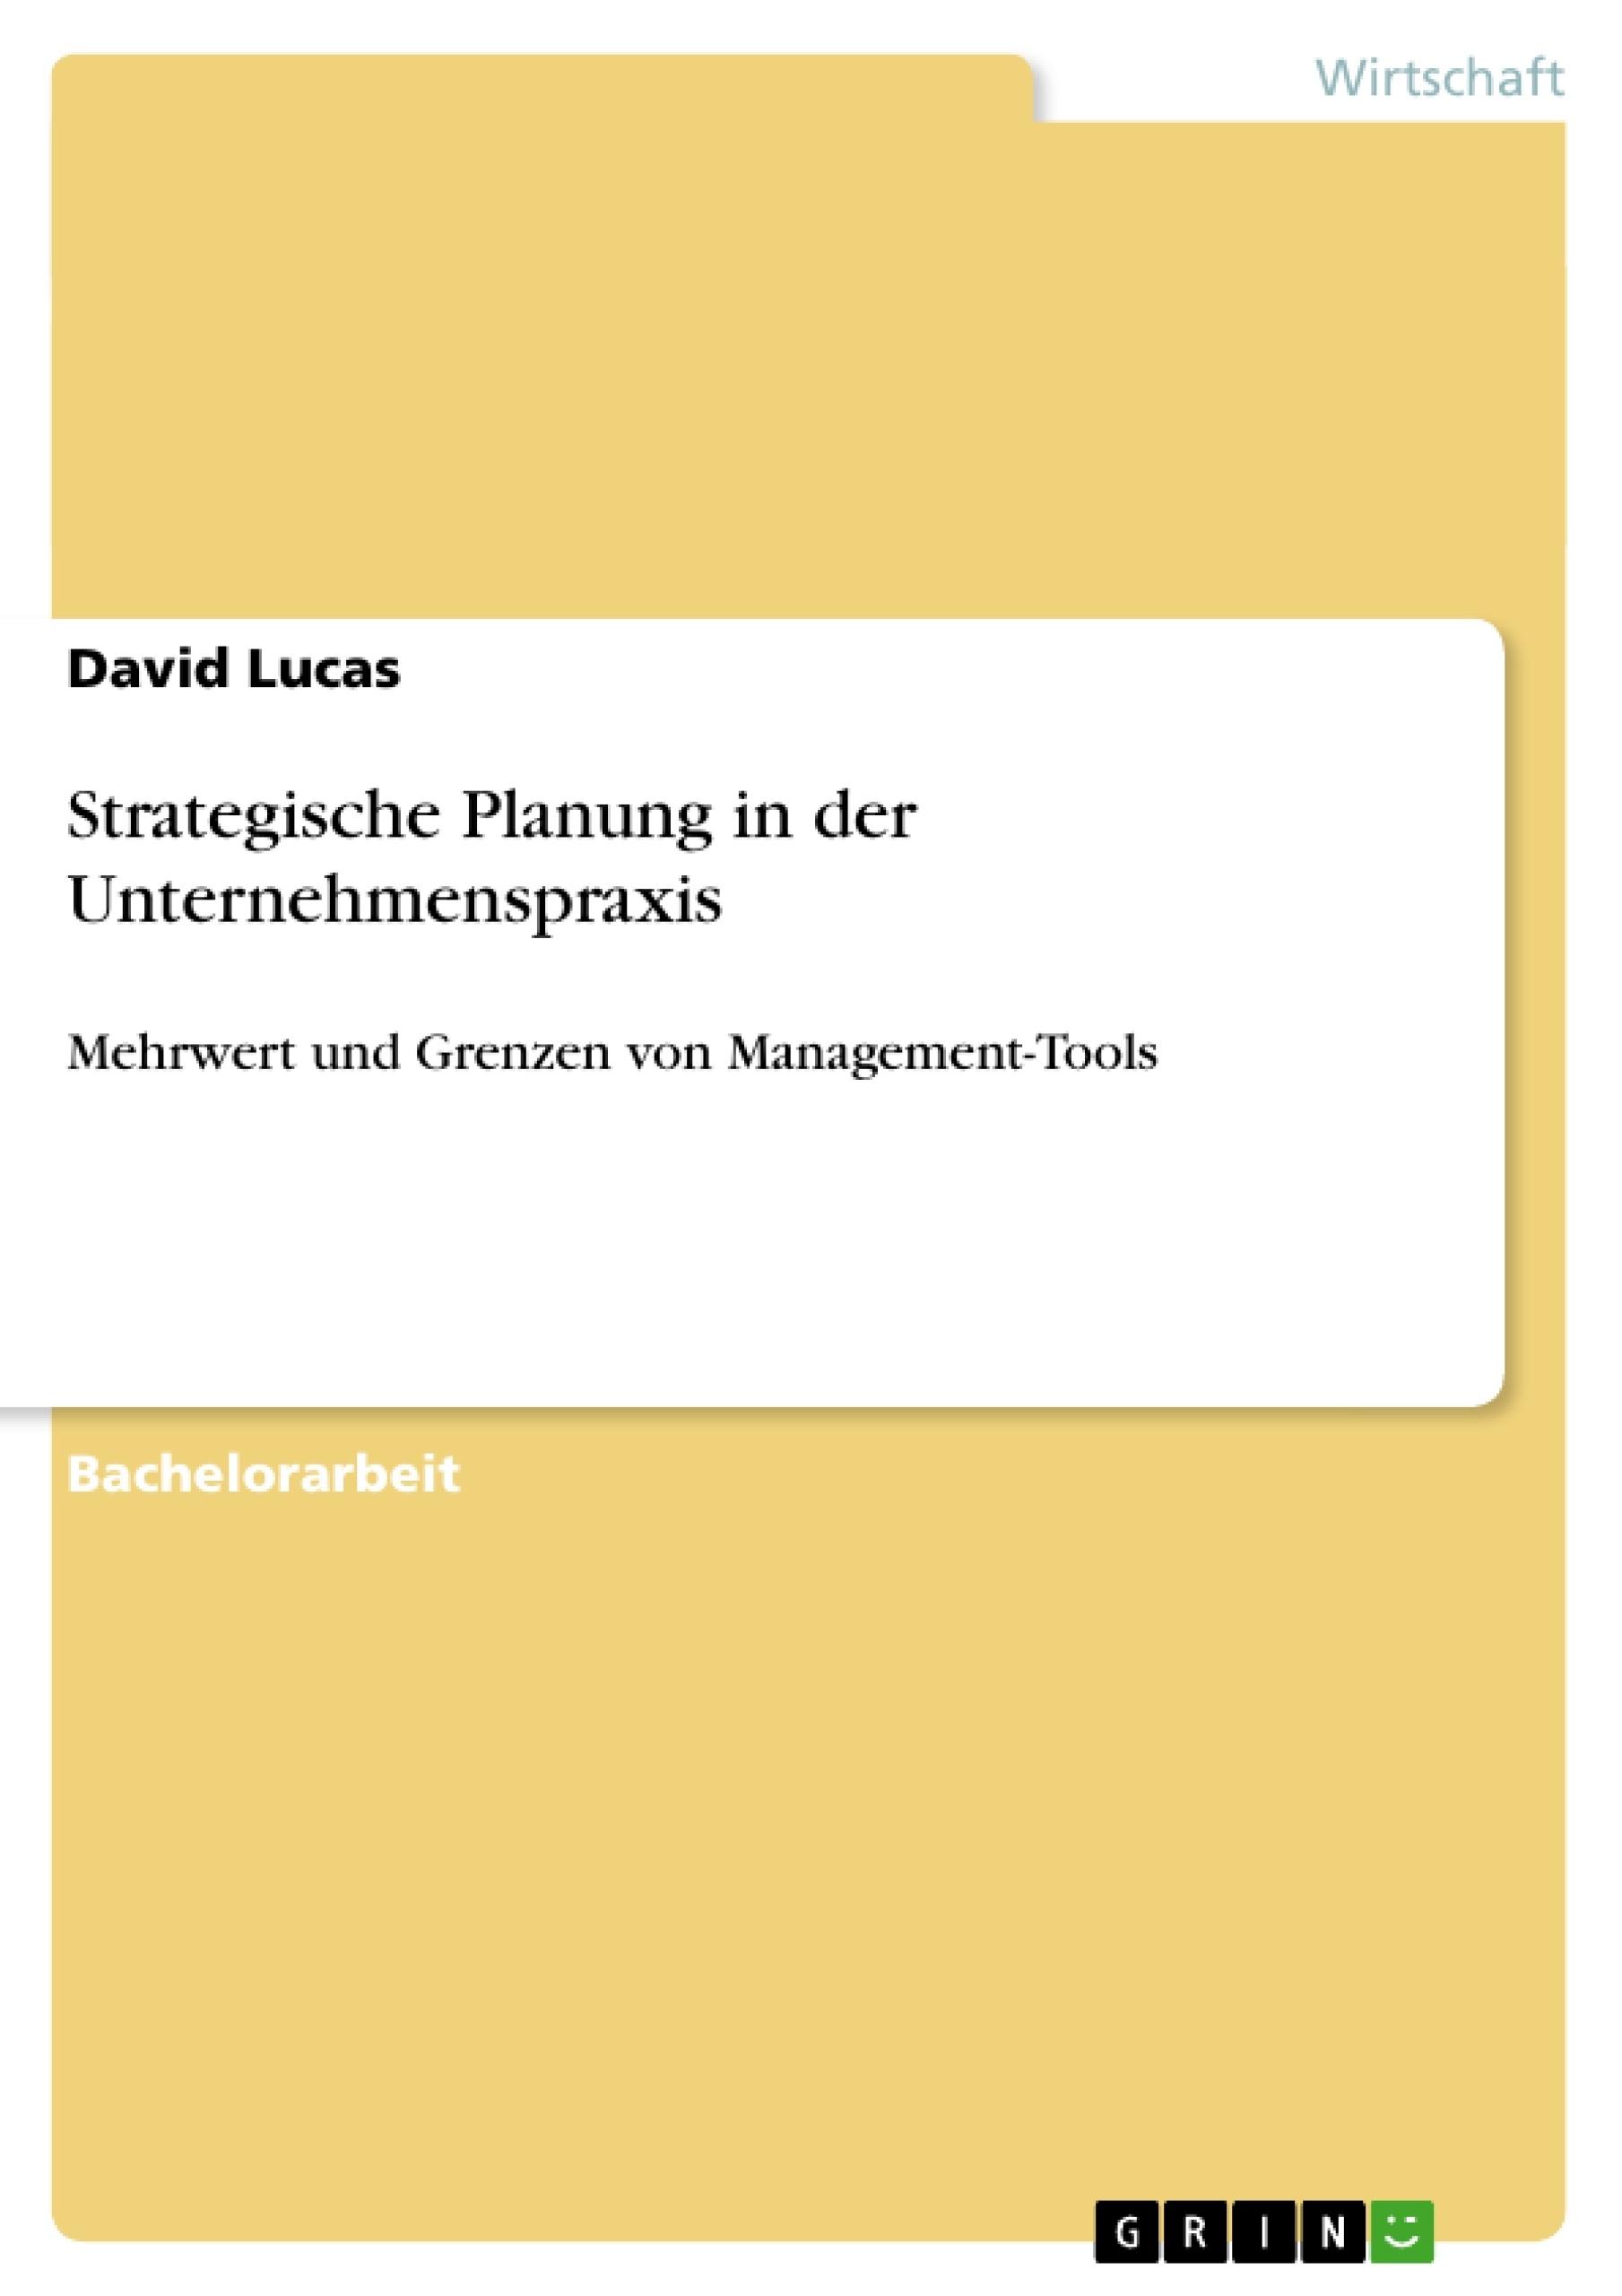 Titel: Strategische Planung in der Unternehmenspraxis